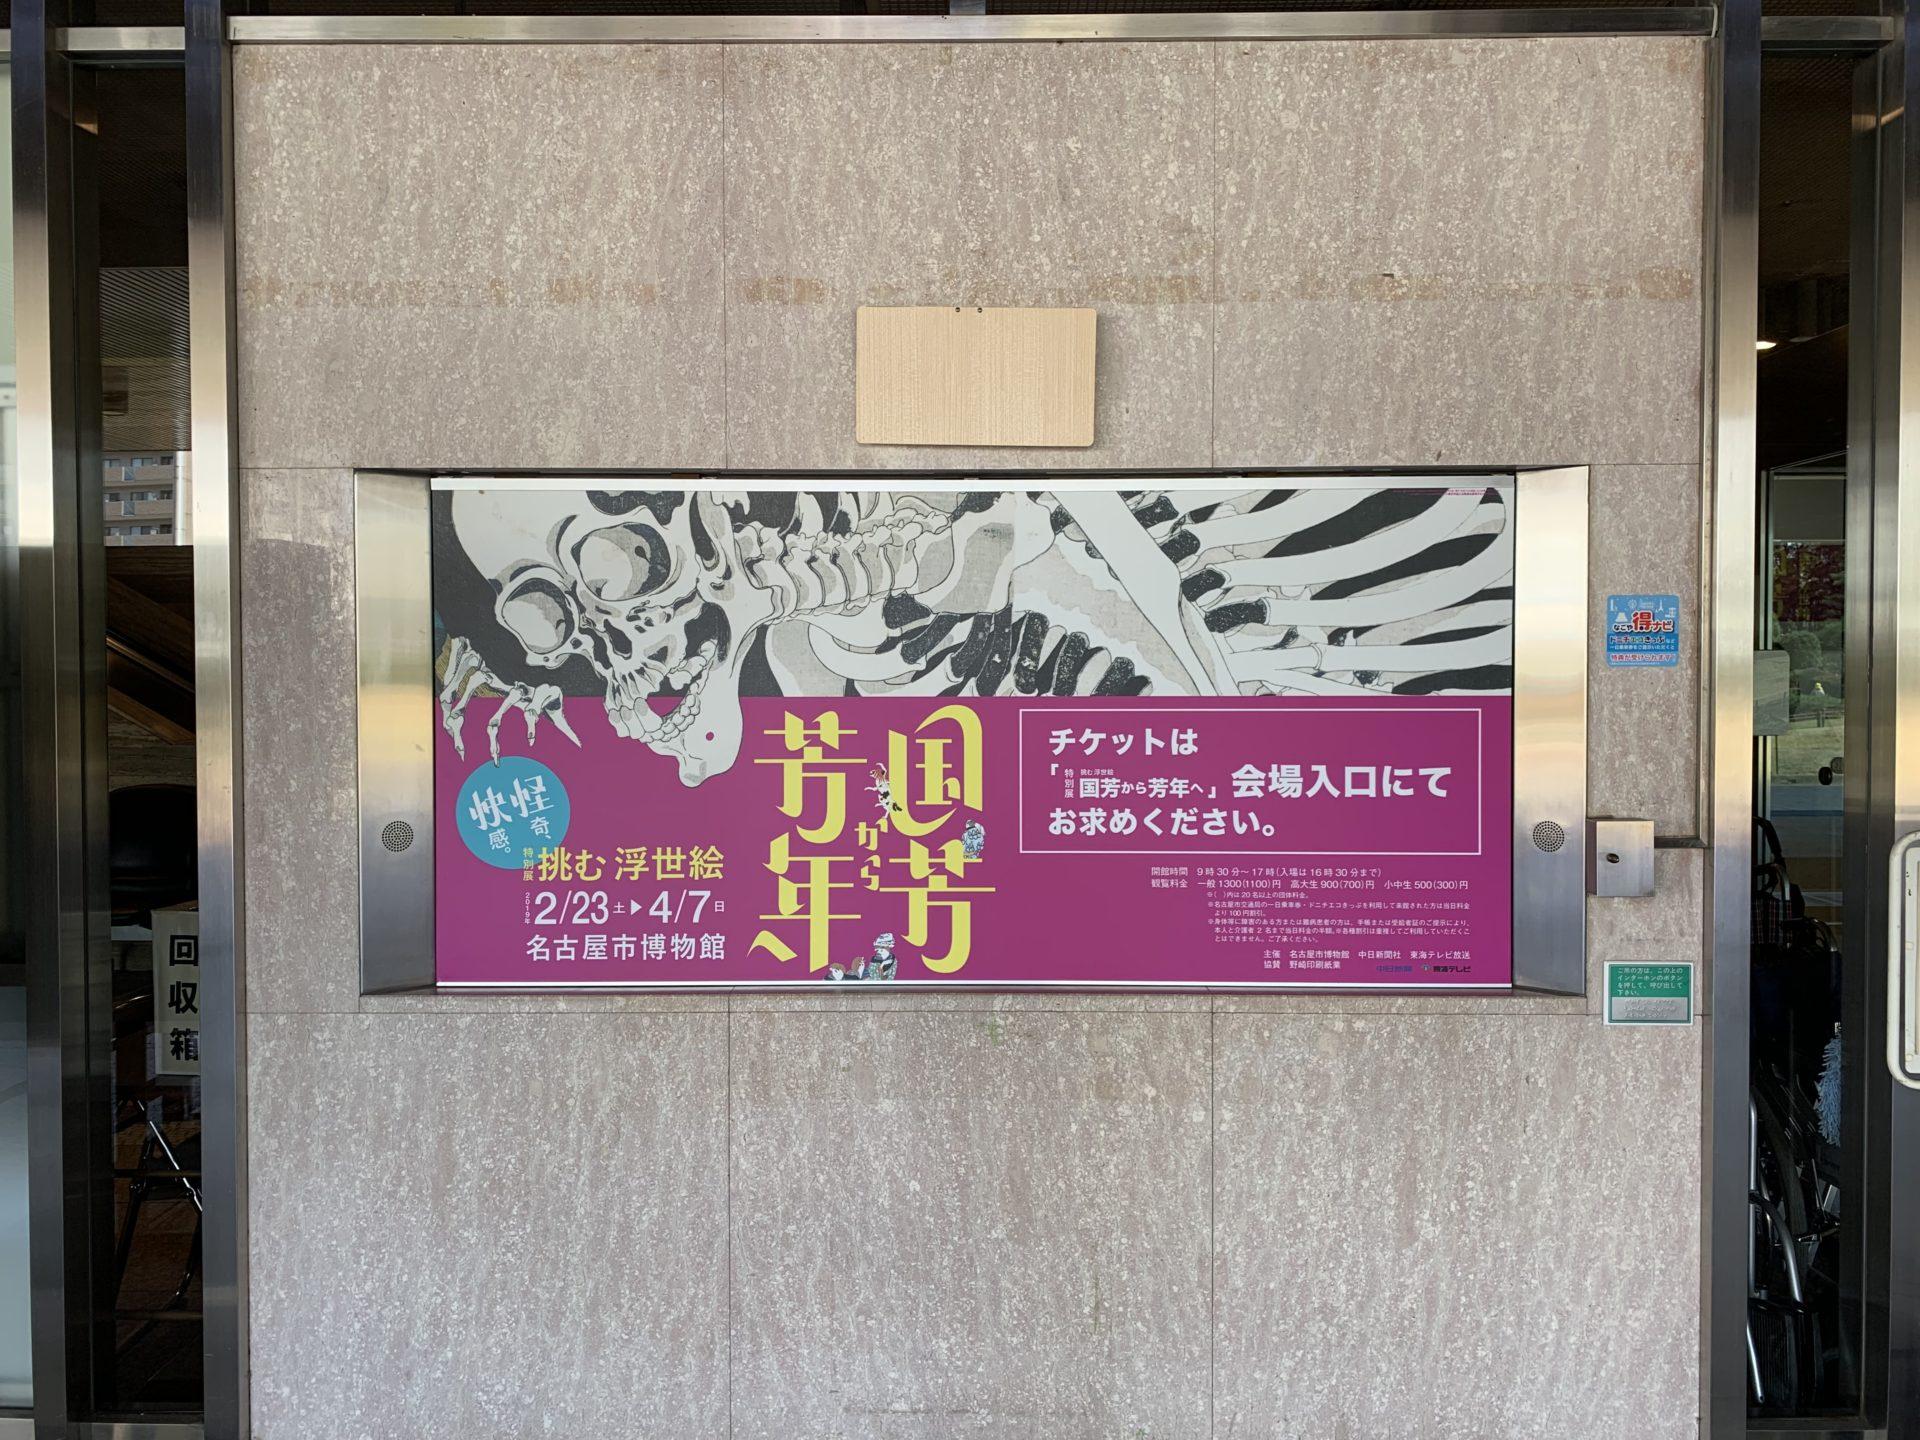 鑑賞レポート「特別展 挑む浮世絵 国芳から芳年へ」(名古屋市博物館)